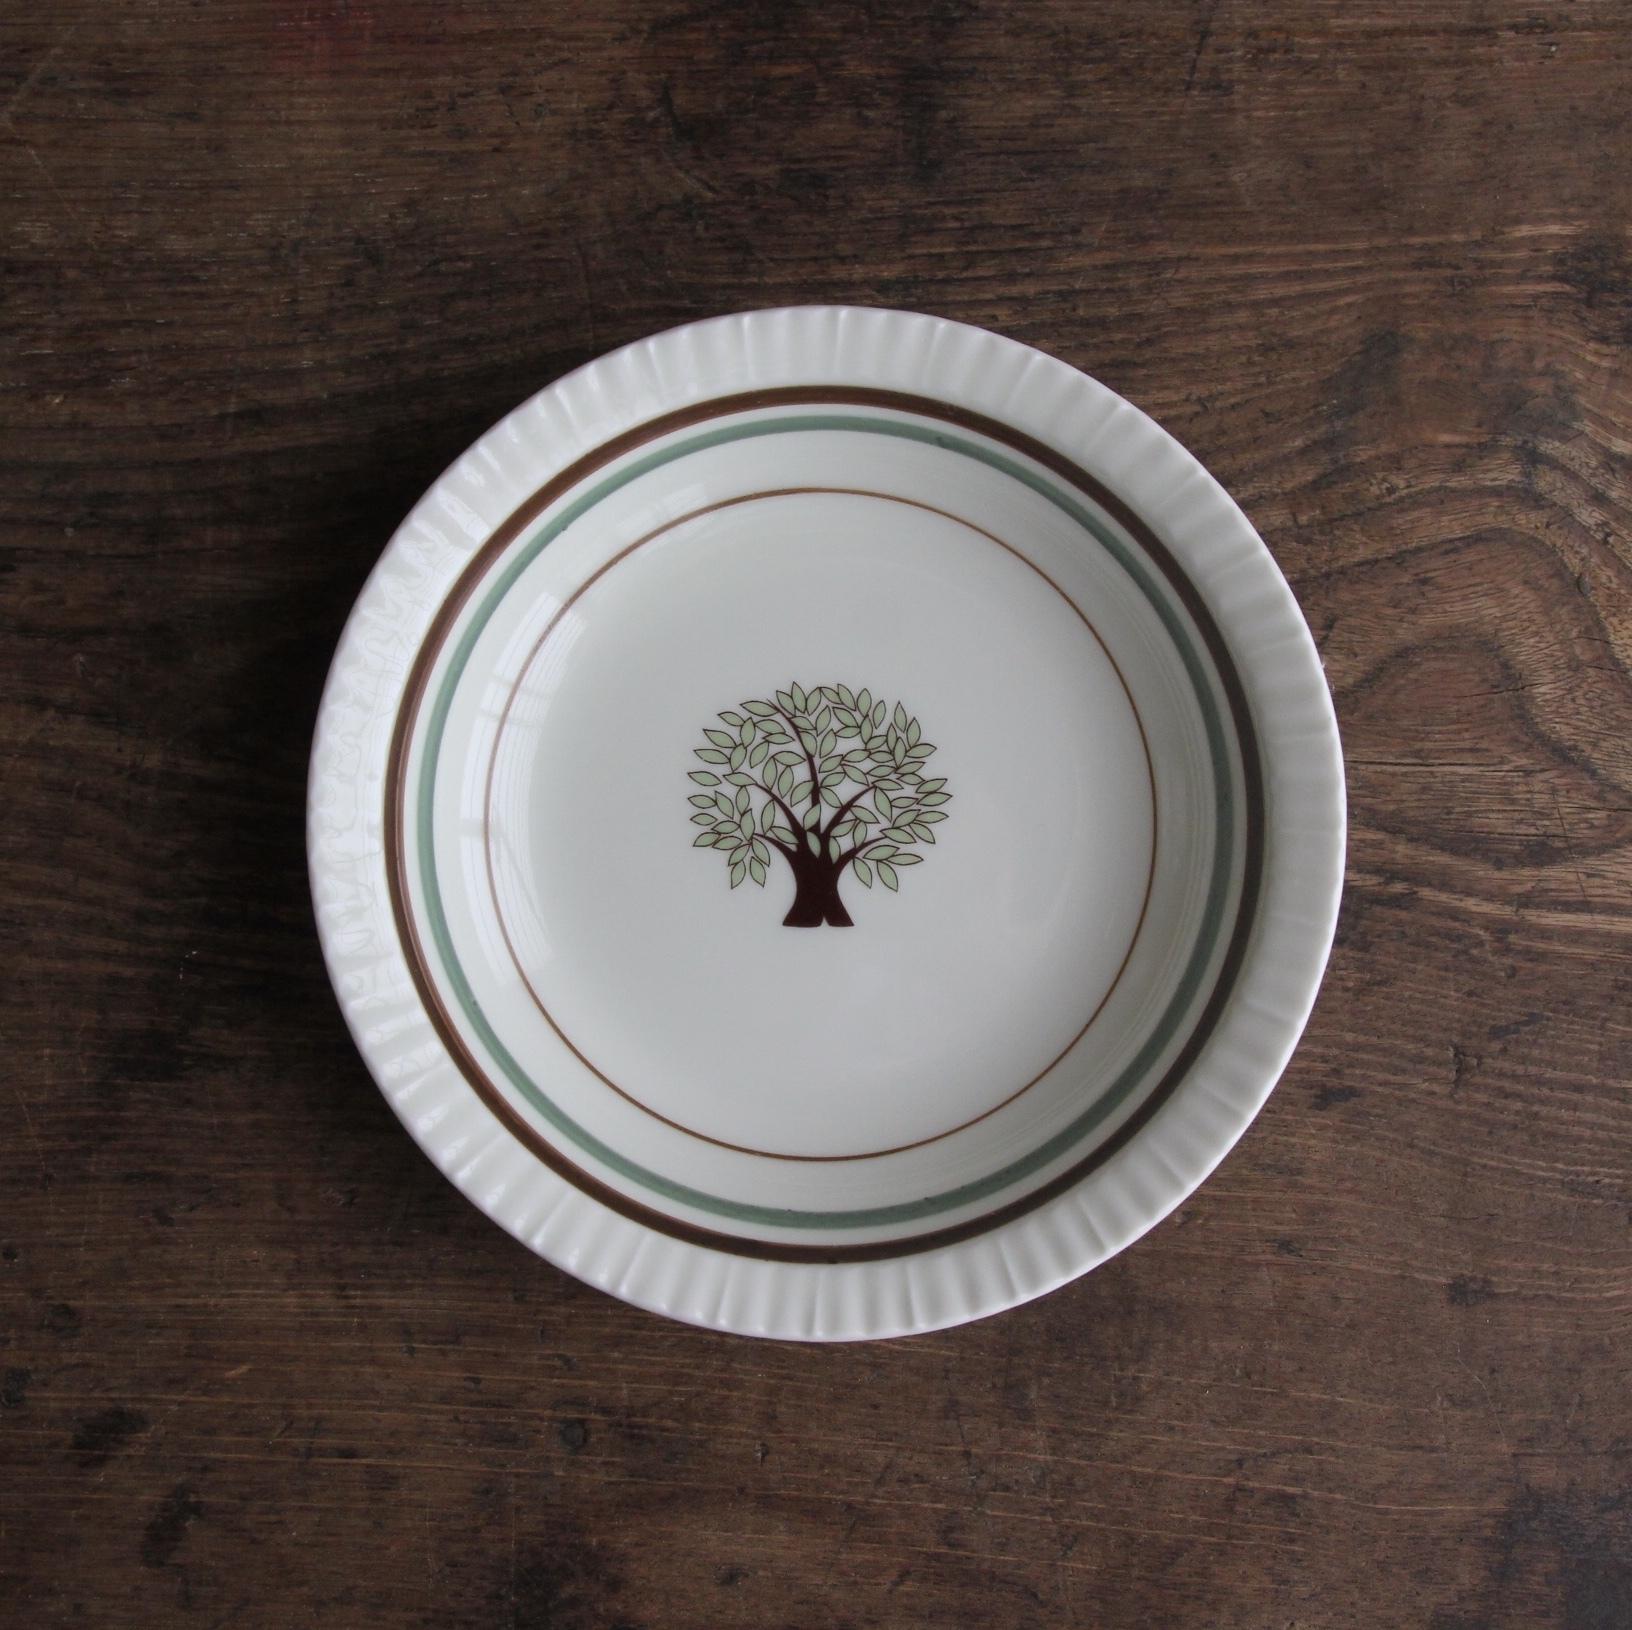 ツリー柄のレトロ小皿 在庫2枚